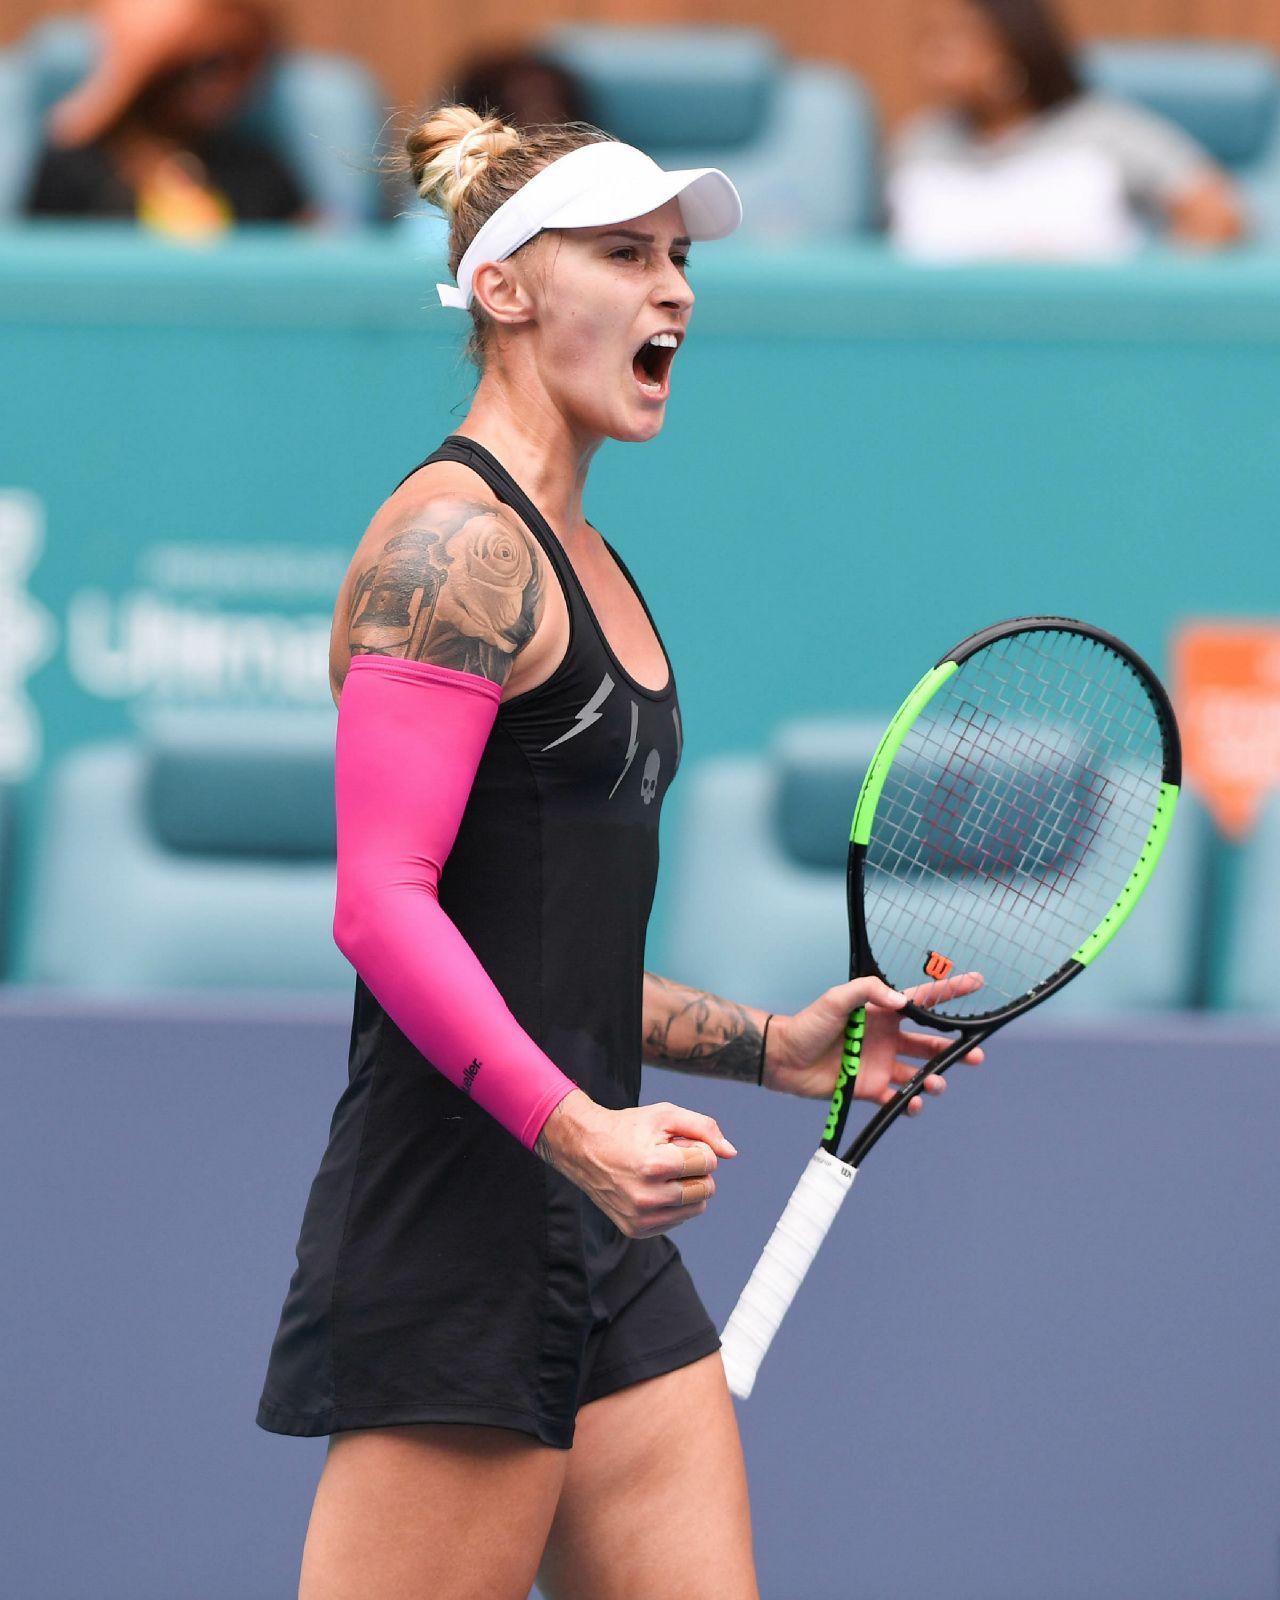 Polona Hercog – Miami Open Tennis Tournament 03/24/2019